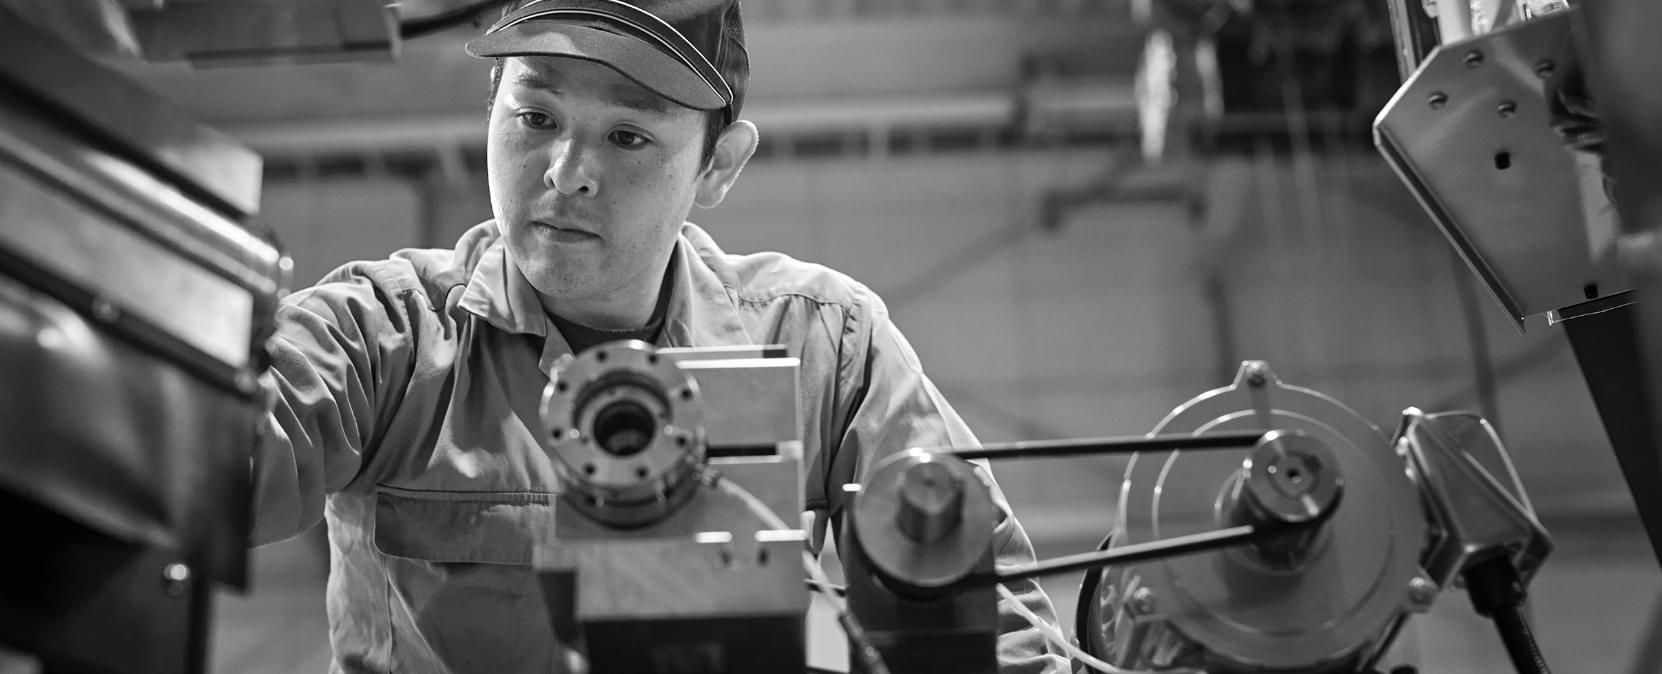 機械作業中の従業員の写真